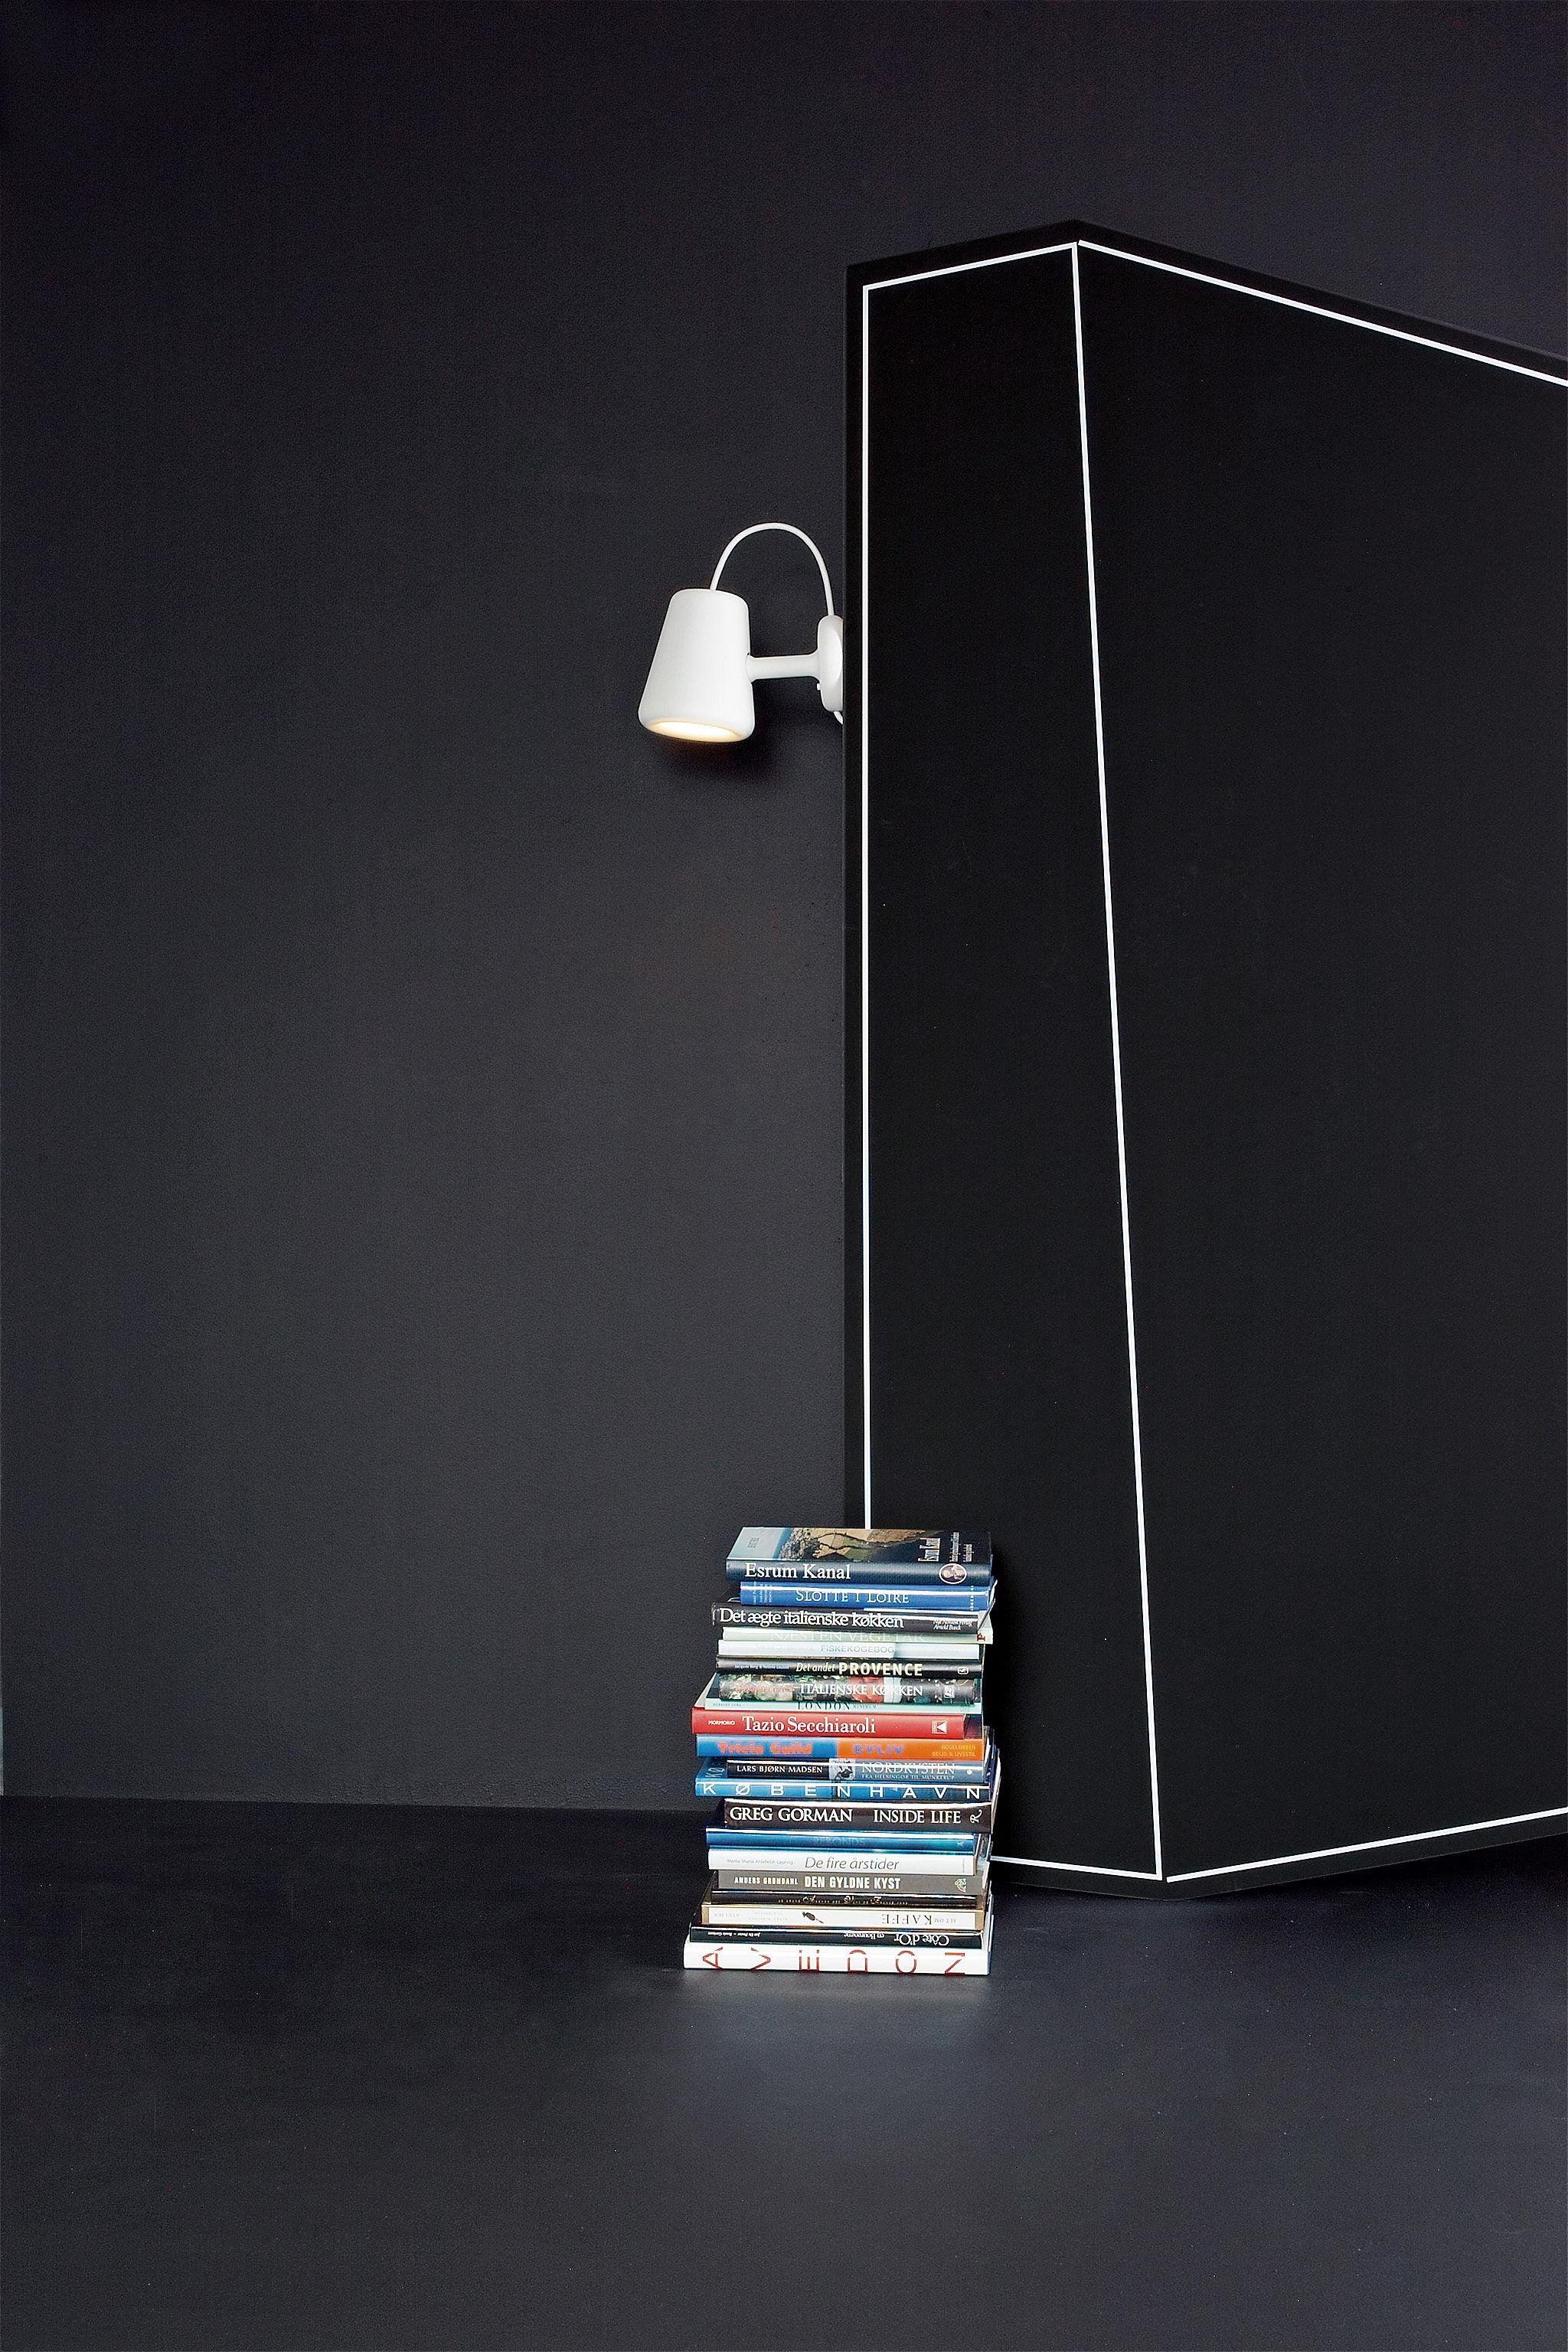 oj wandleuchte mit stromkabel mit netzstecker zum einstecken in die steckdose wei mit. Black Bedroom Furniture Sets. Home Design Ideas